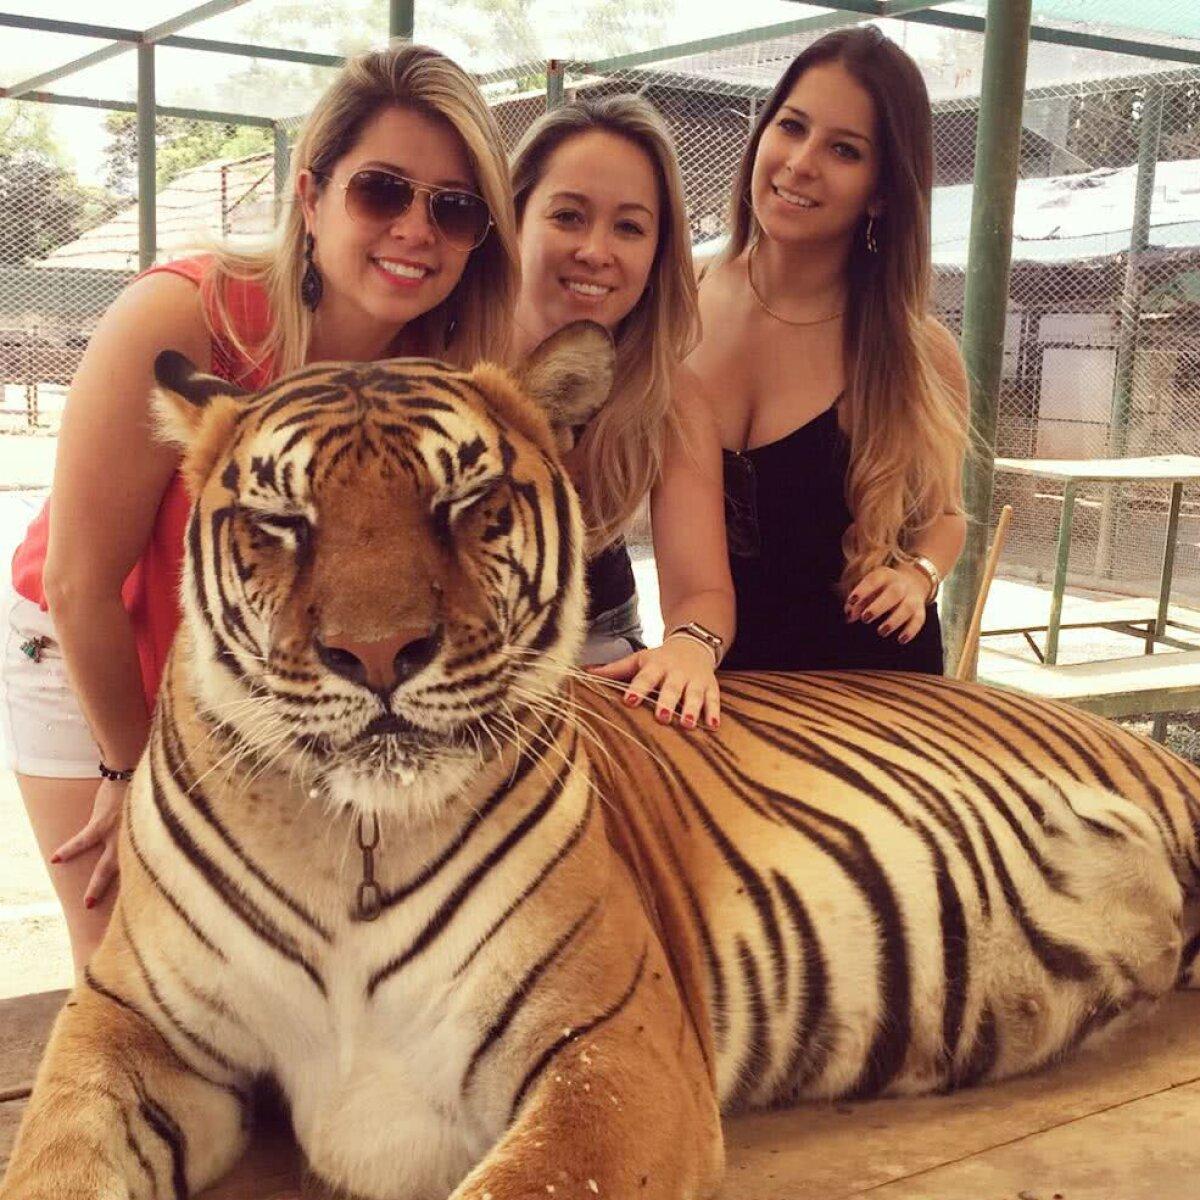 FOTO Malcom, brazilianul de la Barcelona, și iubita sa, Leticia, și-au făcut de cap în Ibiza! Fotografii spanioli i-au surprins pe un iaht